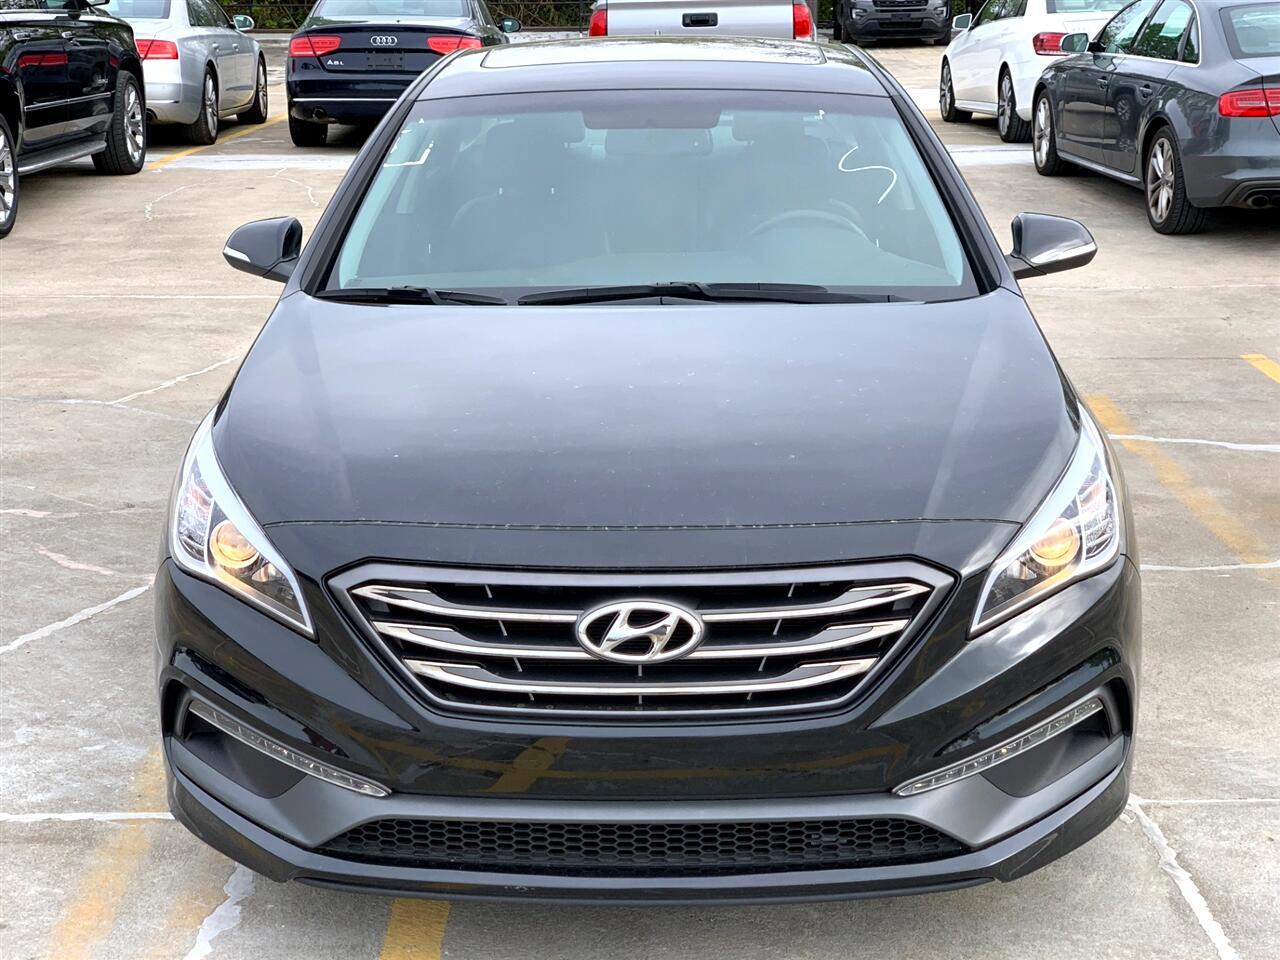 Hyundai Sonata 4dr Sdn 2.0T Sport *Ltd Avail* 2016